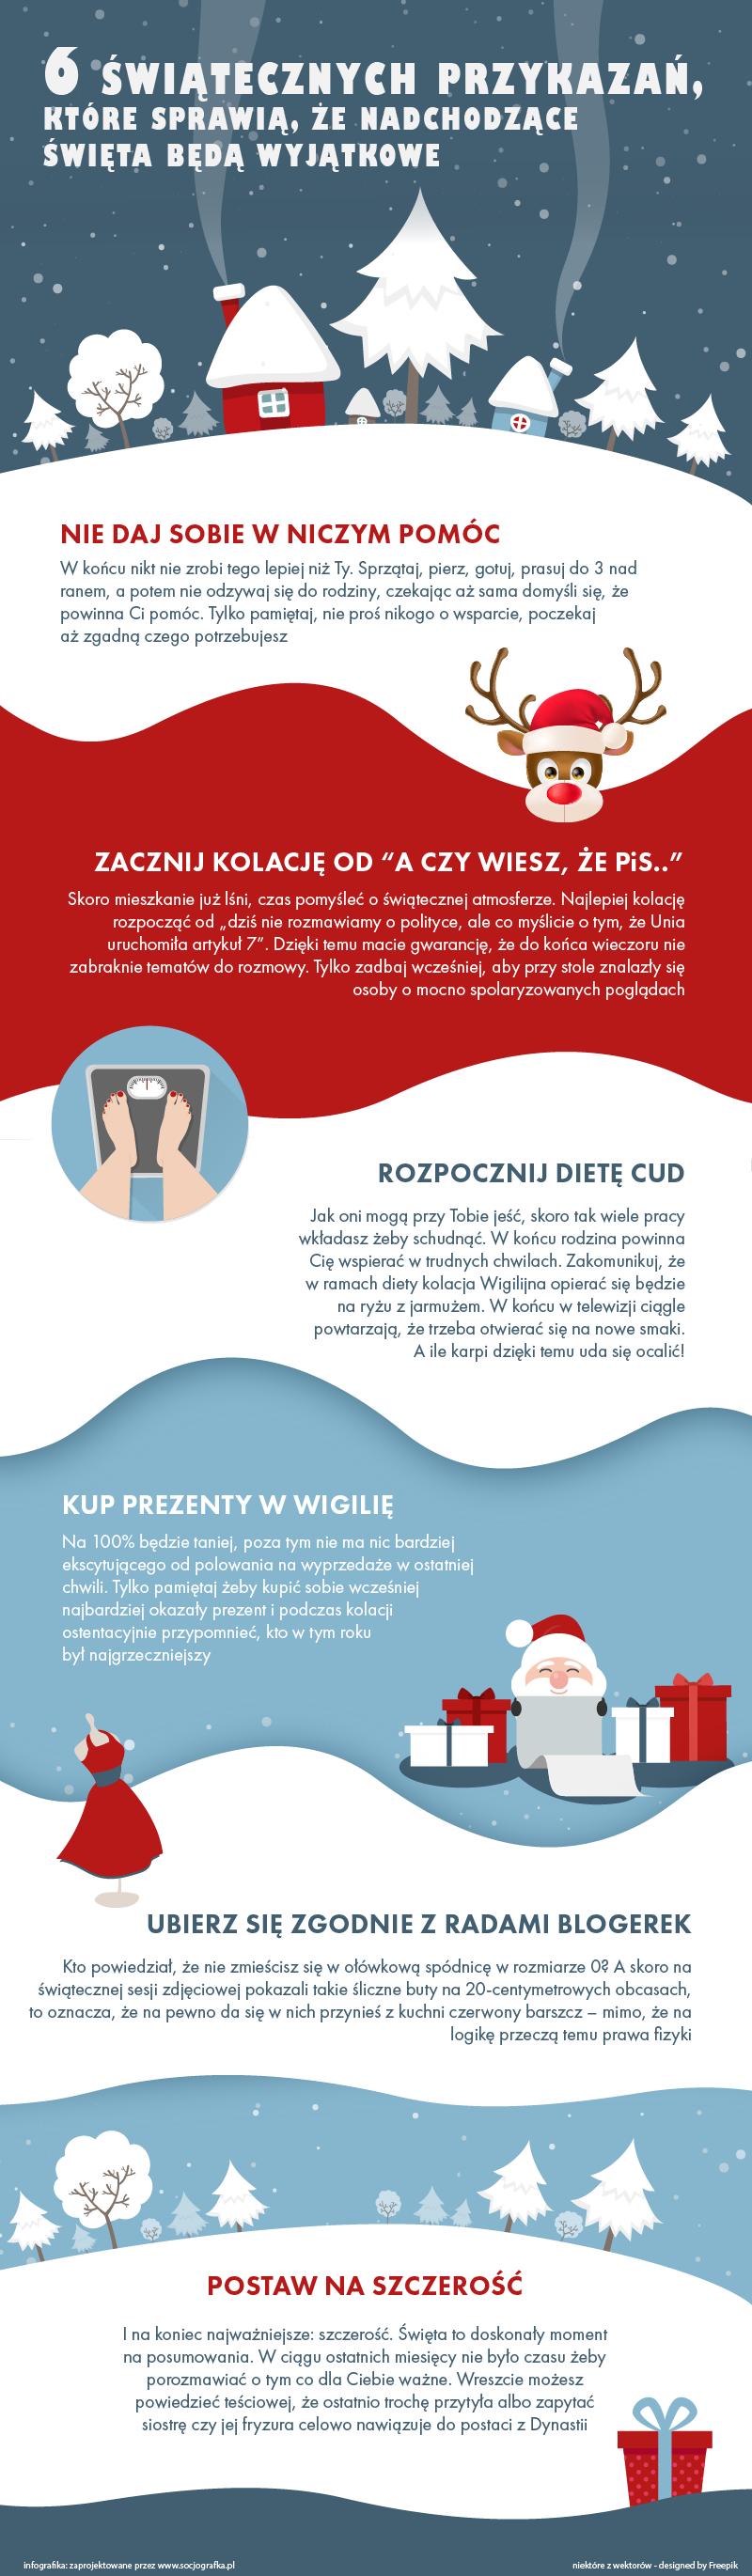 jak przygotować Święta - infografkika